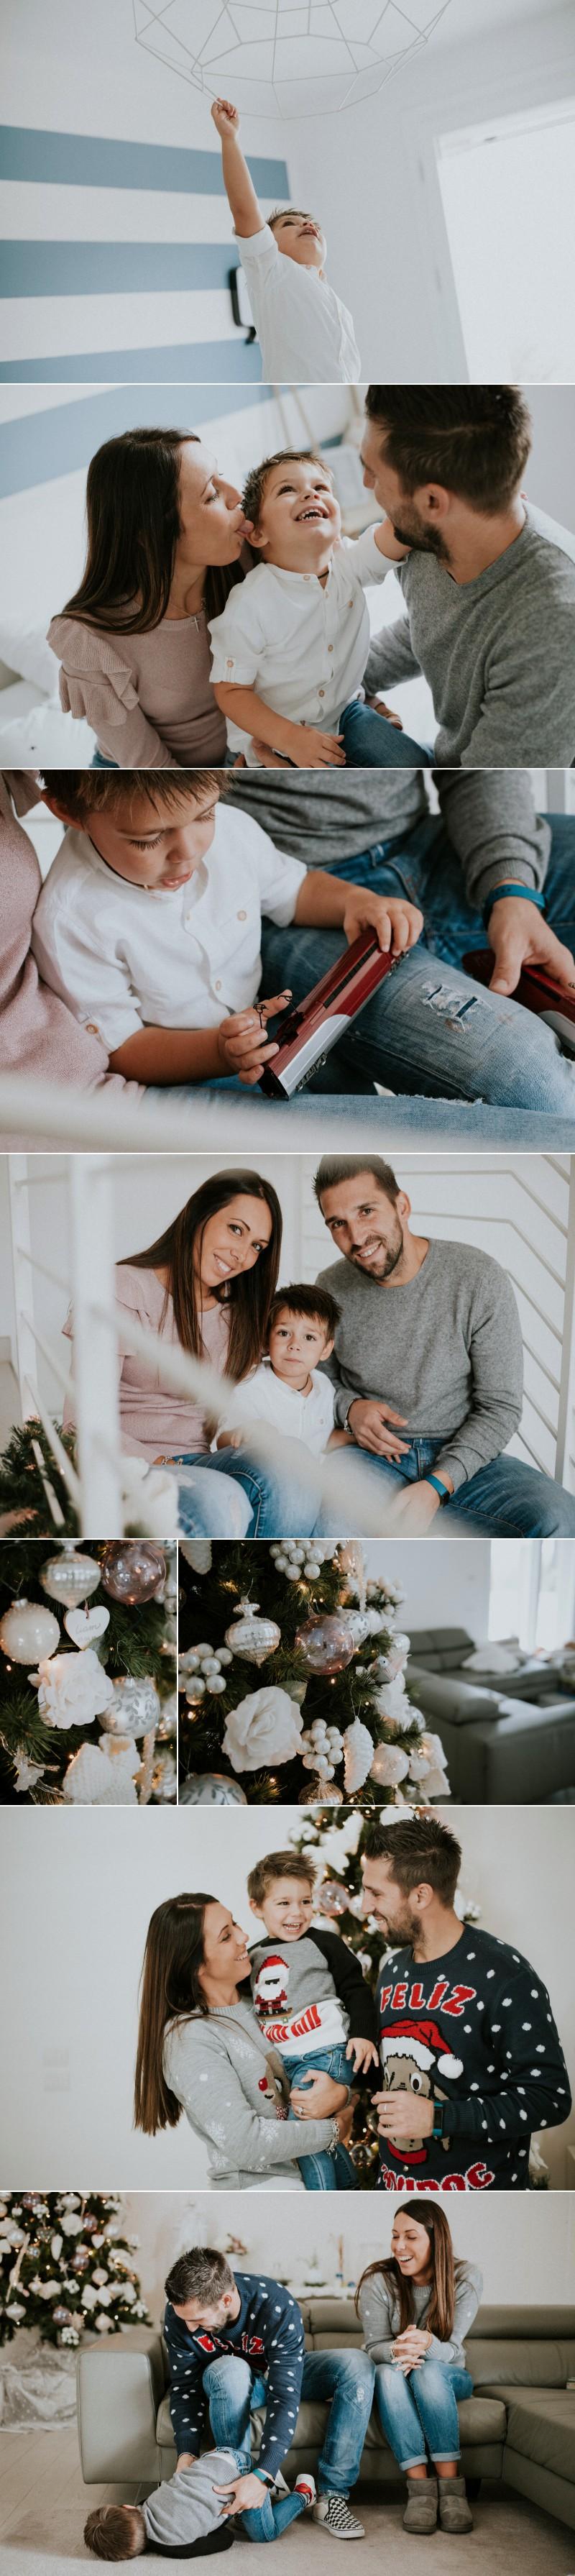 Servizio fotografico natalizio 40